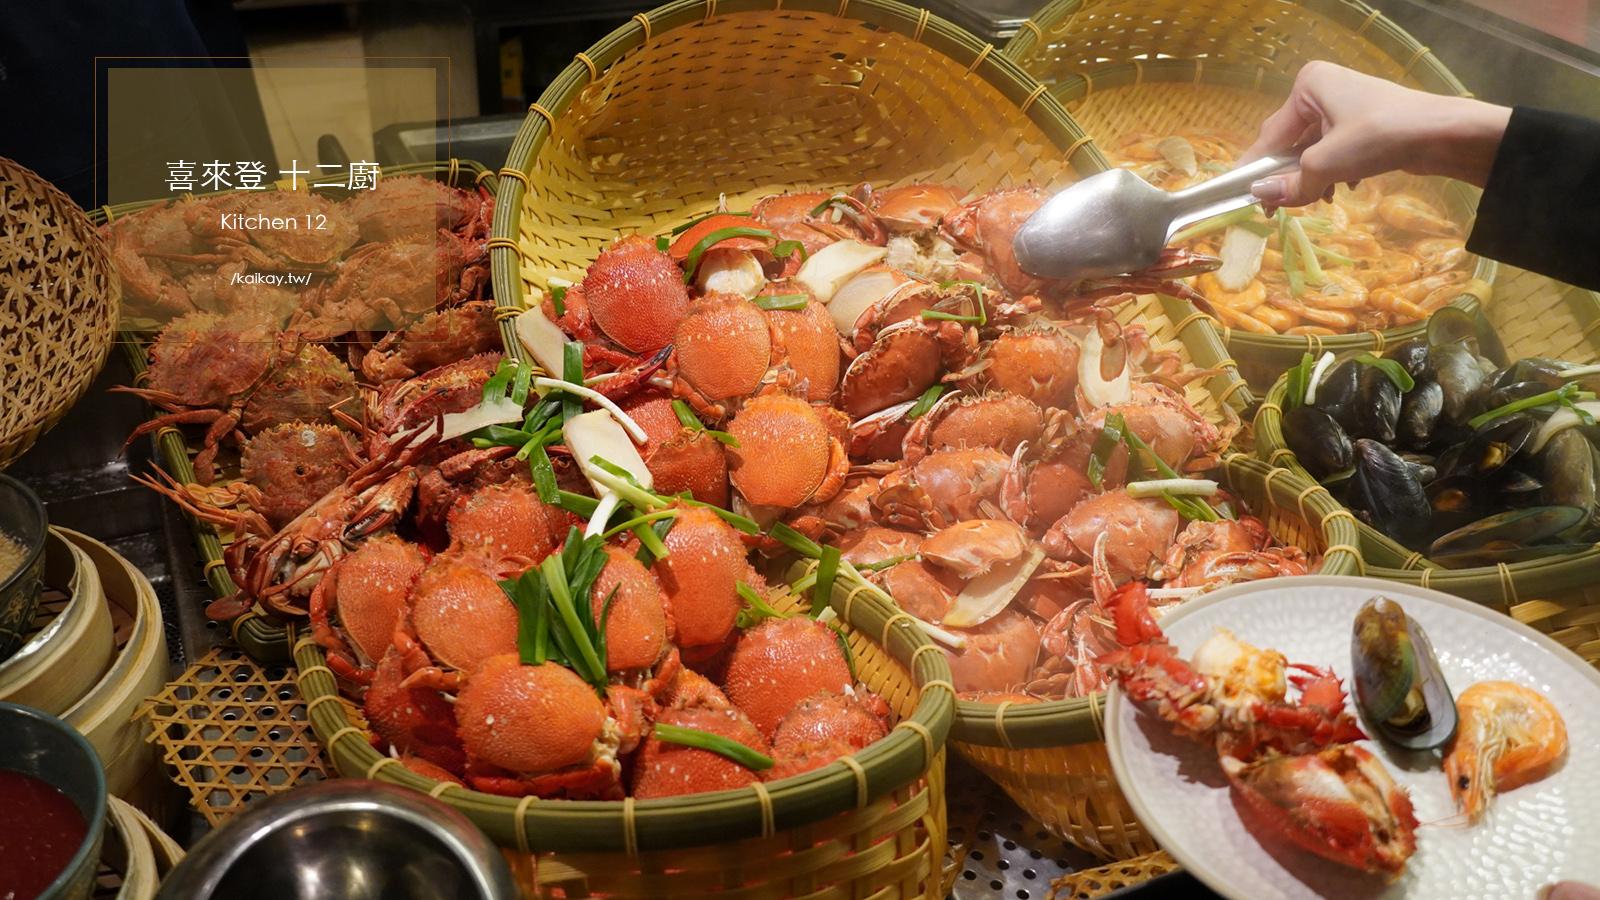 閱讀文章:☆【台北|善導寺站】喜來登十二廚自助餐。吃到飽線上優惠最低七百有找